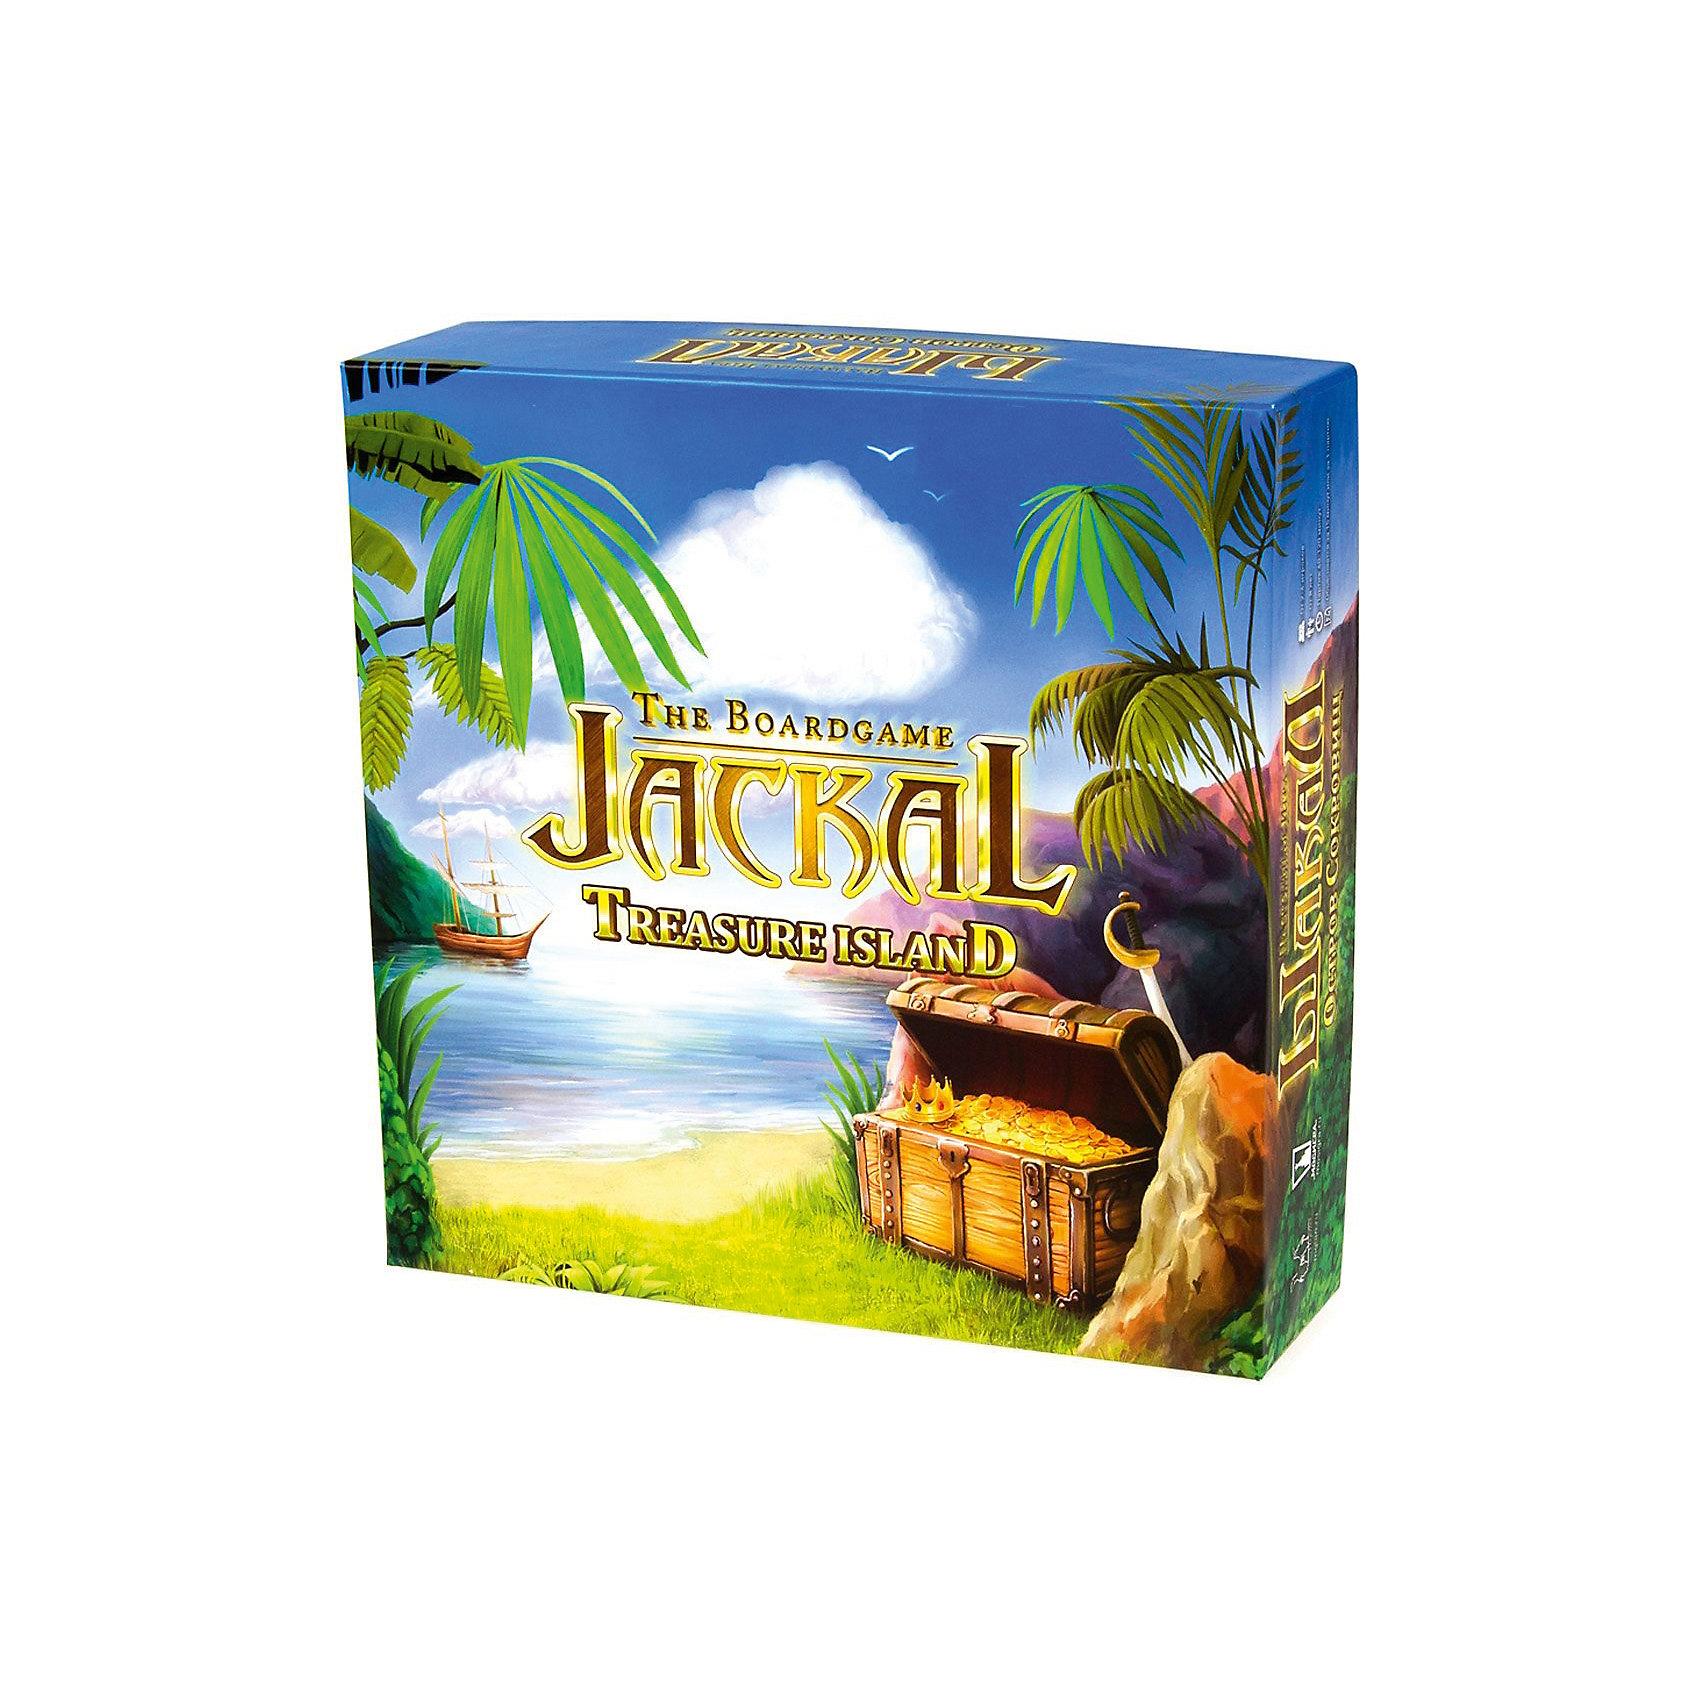 Настольная игра Шакал: остров сокровищ, МагелланНастольные игры<br>Настольная игра «Шакал: Остров сокровищ» — прекрасная настольная игра, относящаяся к жанру приключенческих игр. Содержит базовую версию и дополнение. Условия поединка таковы, что все зависит только от тактических способностей игроков. Игровое поле, состоящее из 117 квадратных клеток, представляет собой пиратский остров с множеством опасностей и горами золотых монет. С каждой новой партией игры фишки игрового поля располагаются в случайном порядке, делая каждую новую игру не похожей, на предыдущую. Цель игры: найти спрятанные золотые монеты и переместить их к себе на корабль. Ход игры: пираты сходят с корабля на берег острова и начинают поиски сокровищ. По суше участник может перемещаться только по одной клетке в любую сторону. При движении пиратом игрок открывает каждую закрытую клетку и выполняет определенное действие, в соответствии с рисунком на ней. Чтобы ударить вражеского пирата нужно оказаться на его клетке, и тогда поверженный соперник-пират снова начинает игру со своего корабля. Пират умирает в случае столкновения с кораблем врага или если попадет в лапы к людоеду. Умерших членов своей команды можно воскресить в крепости аборигенки. Победу в игре одержит тот, кто больше остальных заполнит золотом свой пиратский корабль.<br><br> Дополнительная информация:<br><br>- комплект:  117 квадратных клеток игрового поля, корабли, рамка из 8 частей для игрового поля, пираты, местные жители, 37 монет, 10 бутылок рома, сокровище с испанского галеона, правила игры<br>- возраст: от 16  лет <br>- пол: для девочек и мальчиков <br>- количество игроков: от 2 человек <br>- длительность игры: от 90 мин <br>- размер упаковки: 27*27*8 см <br>- вес: 900 г. <br>- страна: Россия<br><br>Настольная игра Шакал: остров сокровищ торговой марки Магеллан  можно купить в нашем интернет-магазине<br><br>Ширина мм: 263<br>Глубина мм: 263<br>Высота мм: 75<br>Вес г: 908<br>Возраст от месяцев: 36<br>Возраст до месяцев: 2147483647<b